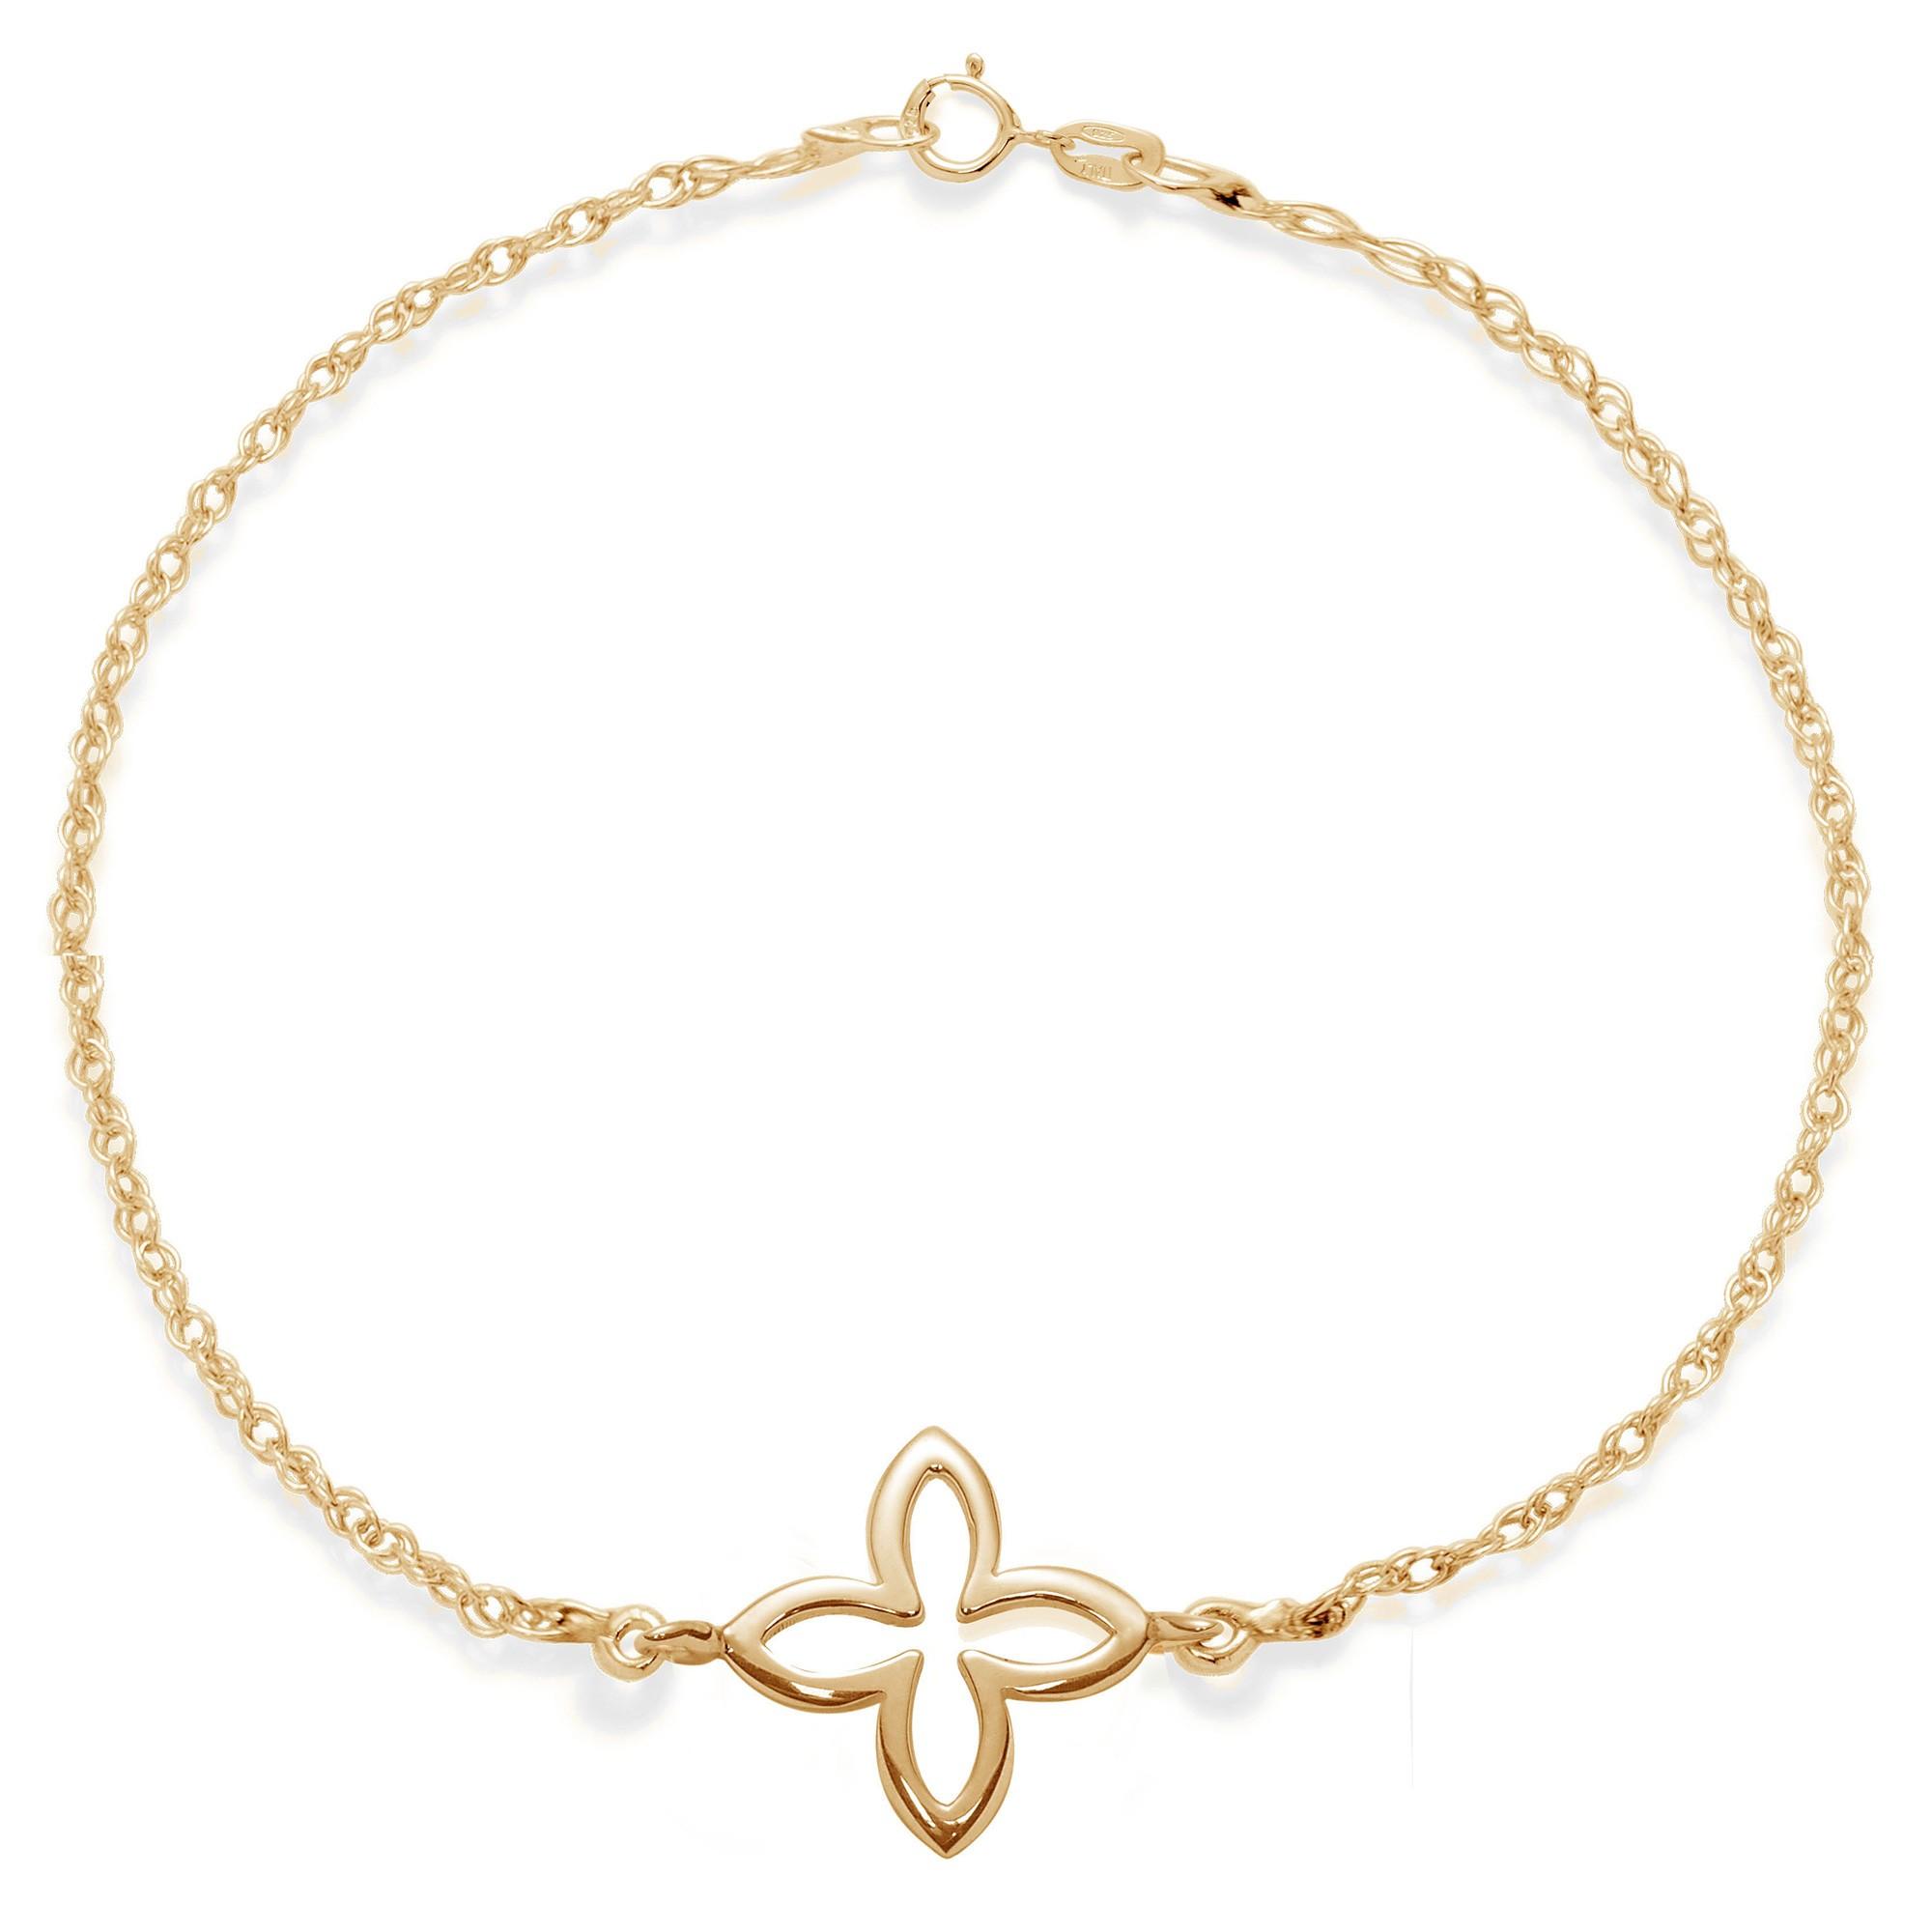 Bracelet chaîne avec une fleur de lys ajourée plaquée or